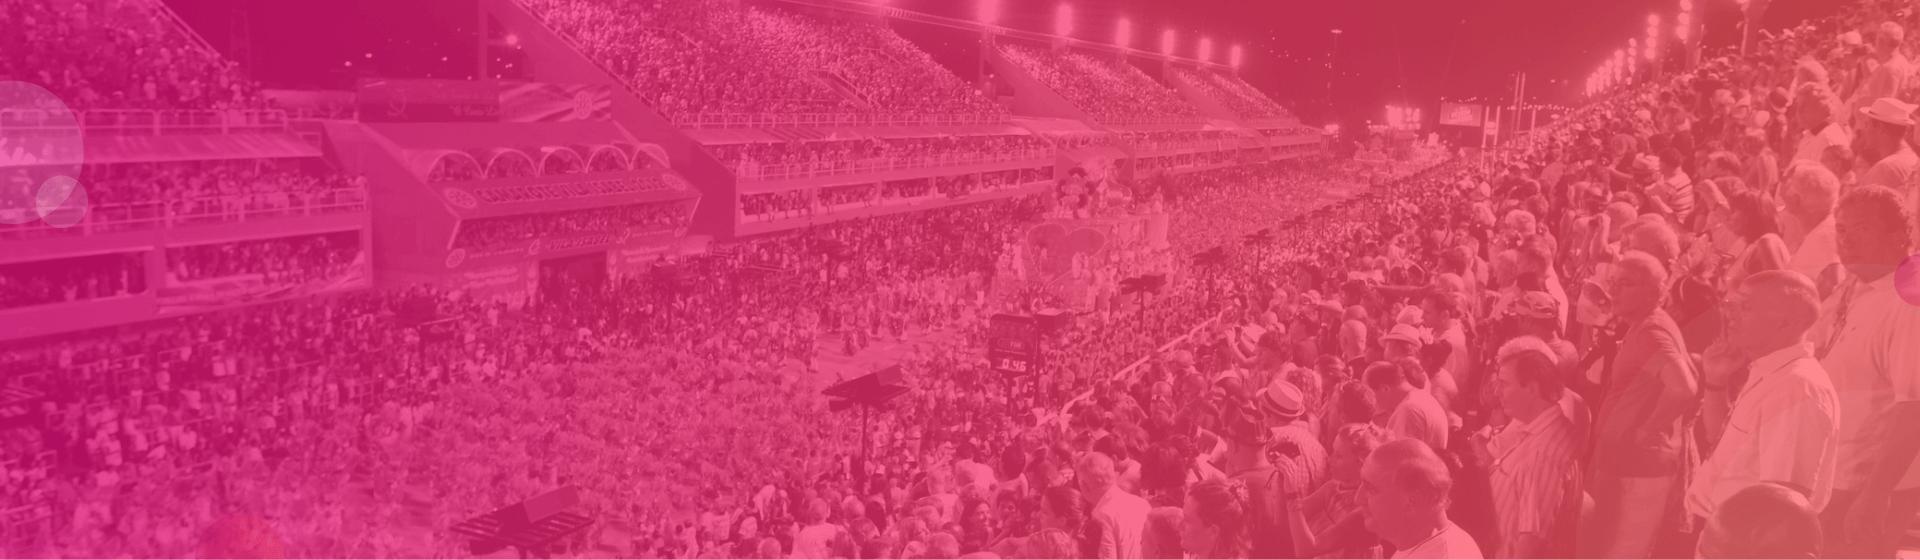 Logements à Rio Pendant le Carnaval